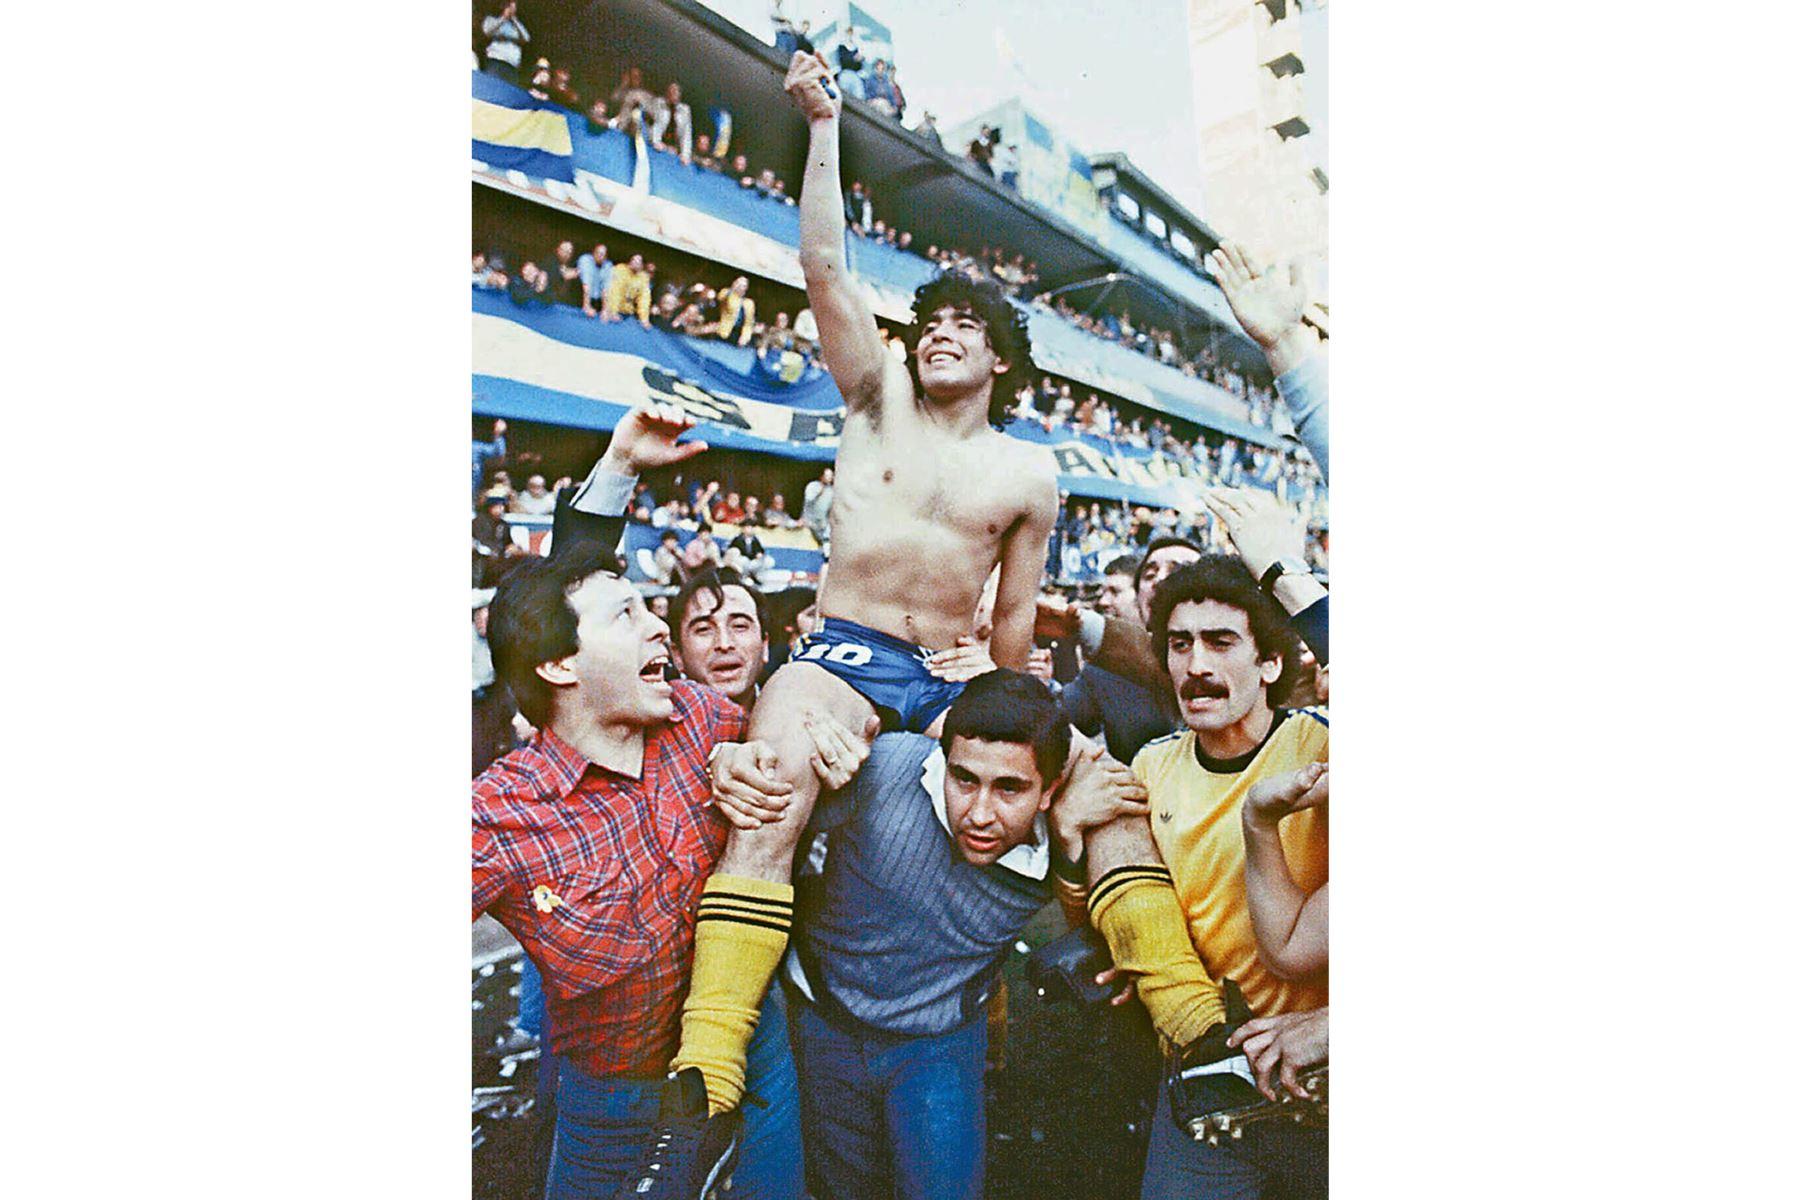 Esta imagen de 1981 muestra al astro del fútbol argentino Diego Armando Maradona, siendo llevado por fanáticos después de ganar el Campeonato local de 1981 con Boca Juniors en el estadio La Bombonera de Buenos Aires. Foto: AFP